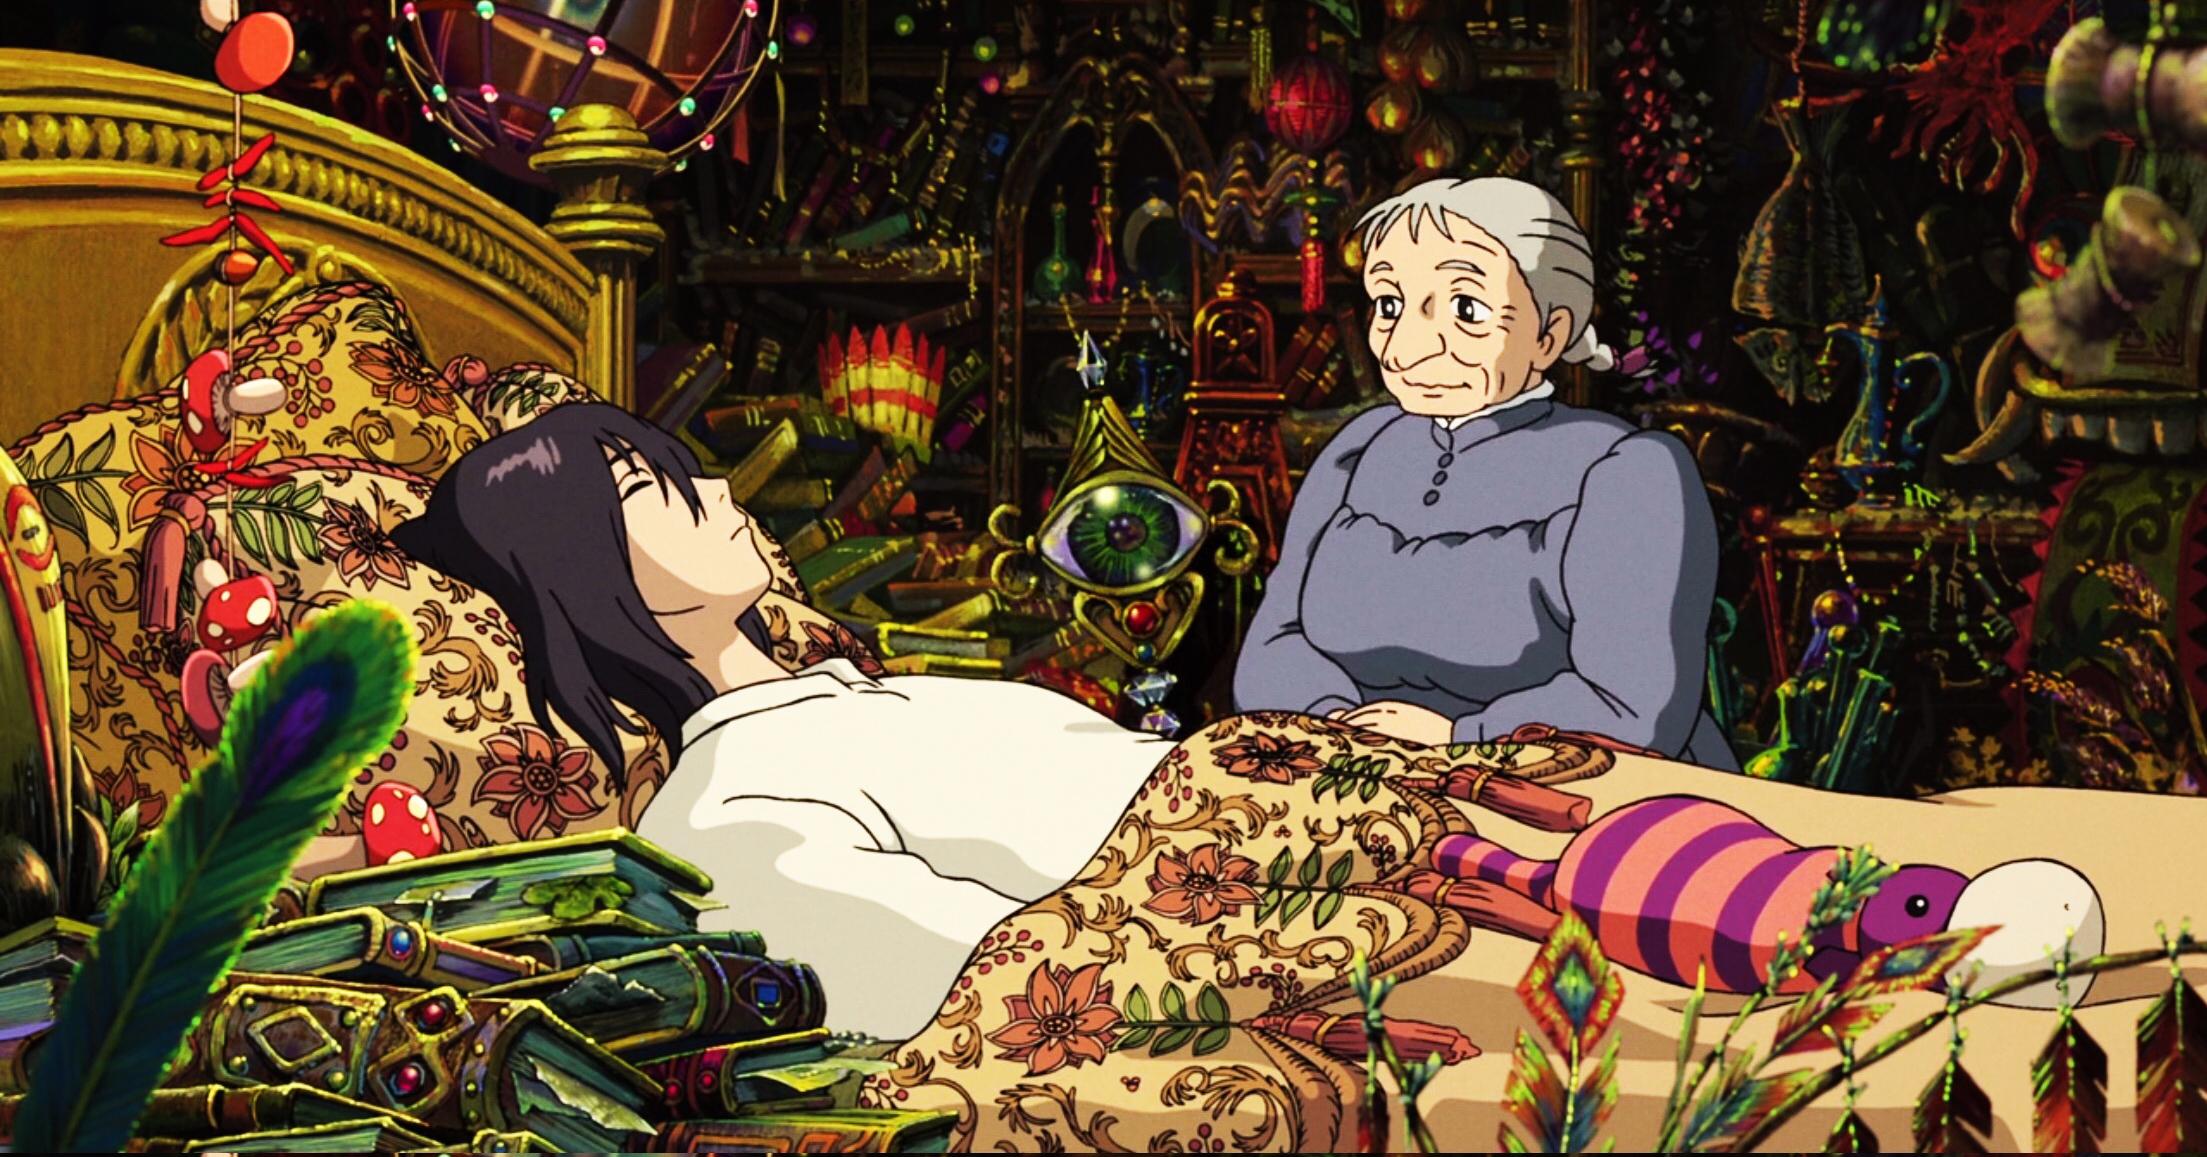 Lâu Đài Di Động Của Howl Studio Ghibli